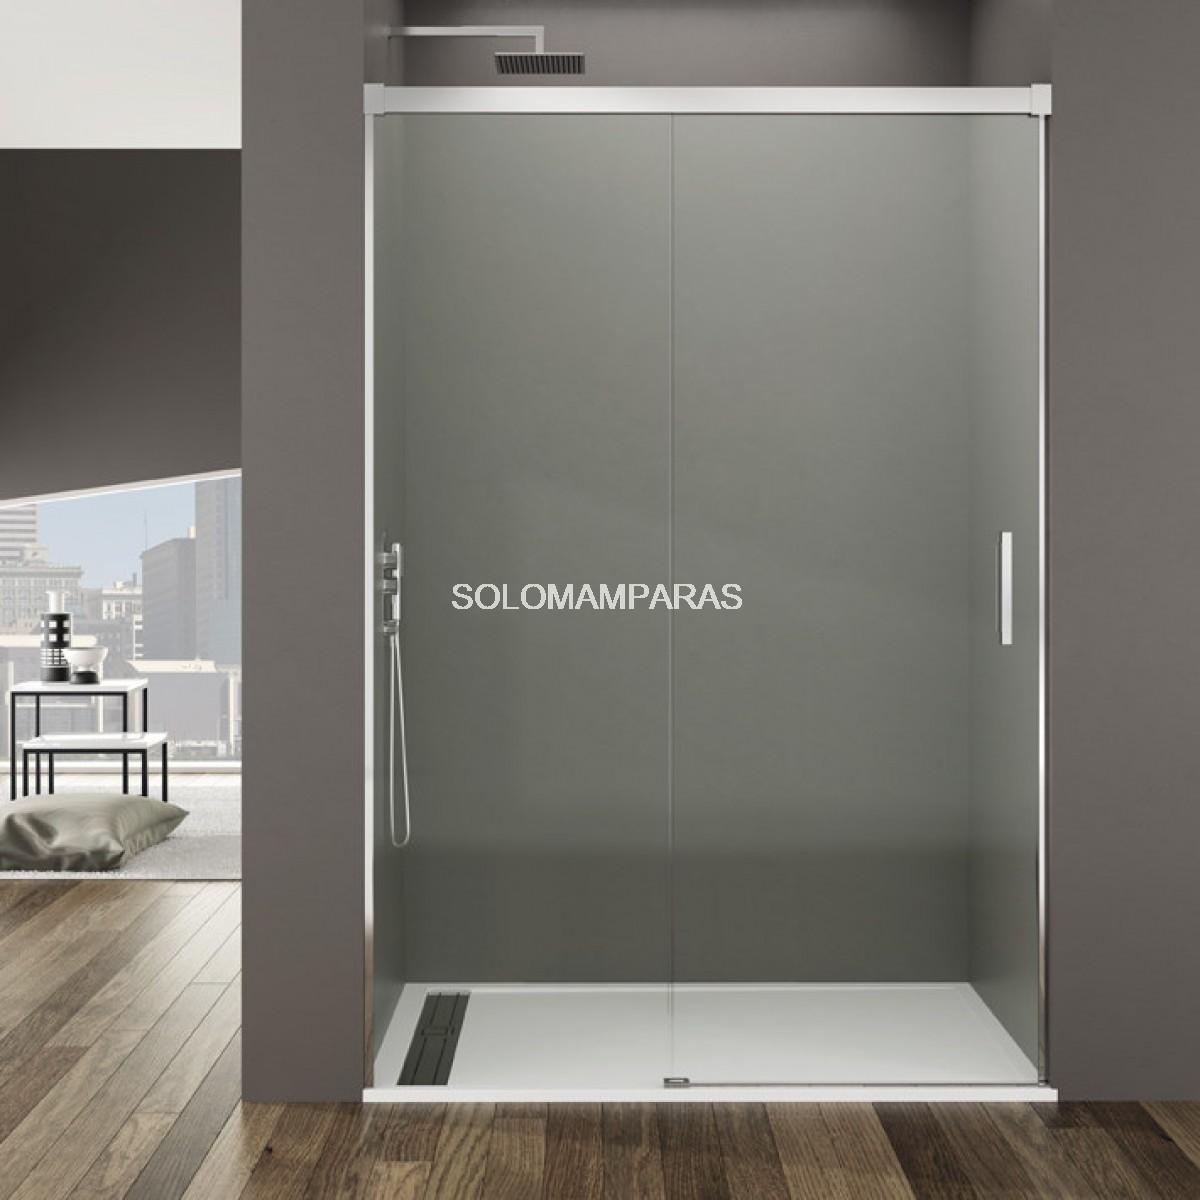 Como quitar la cal de la mampara de la ducha limpiar una mampara with como quitar la cal de la - Limpiar mampara ...